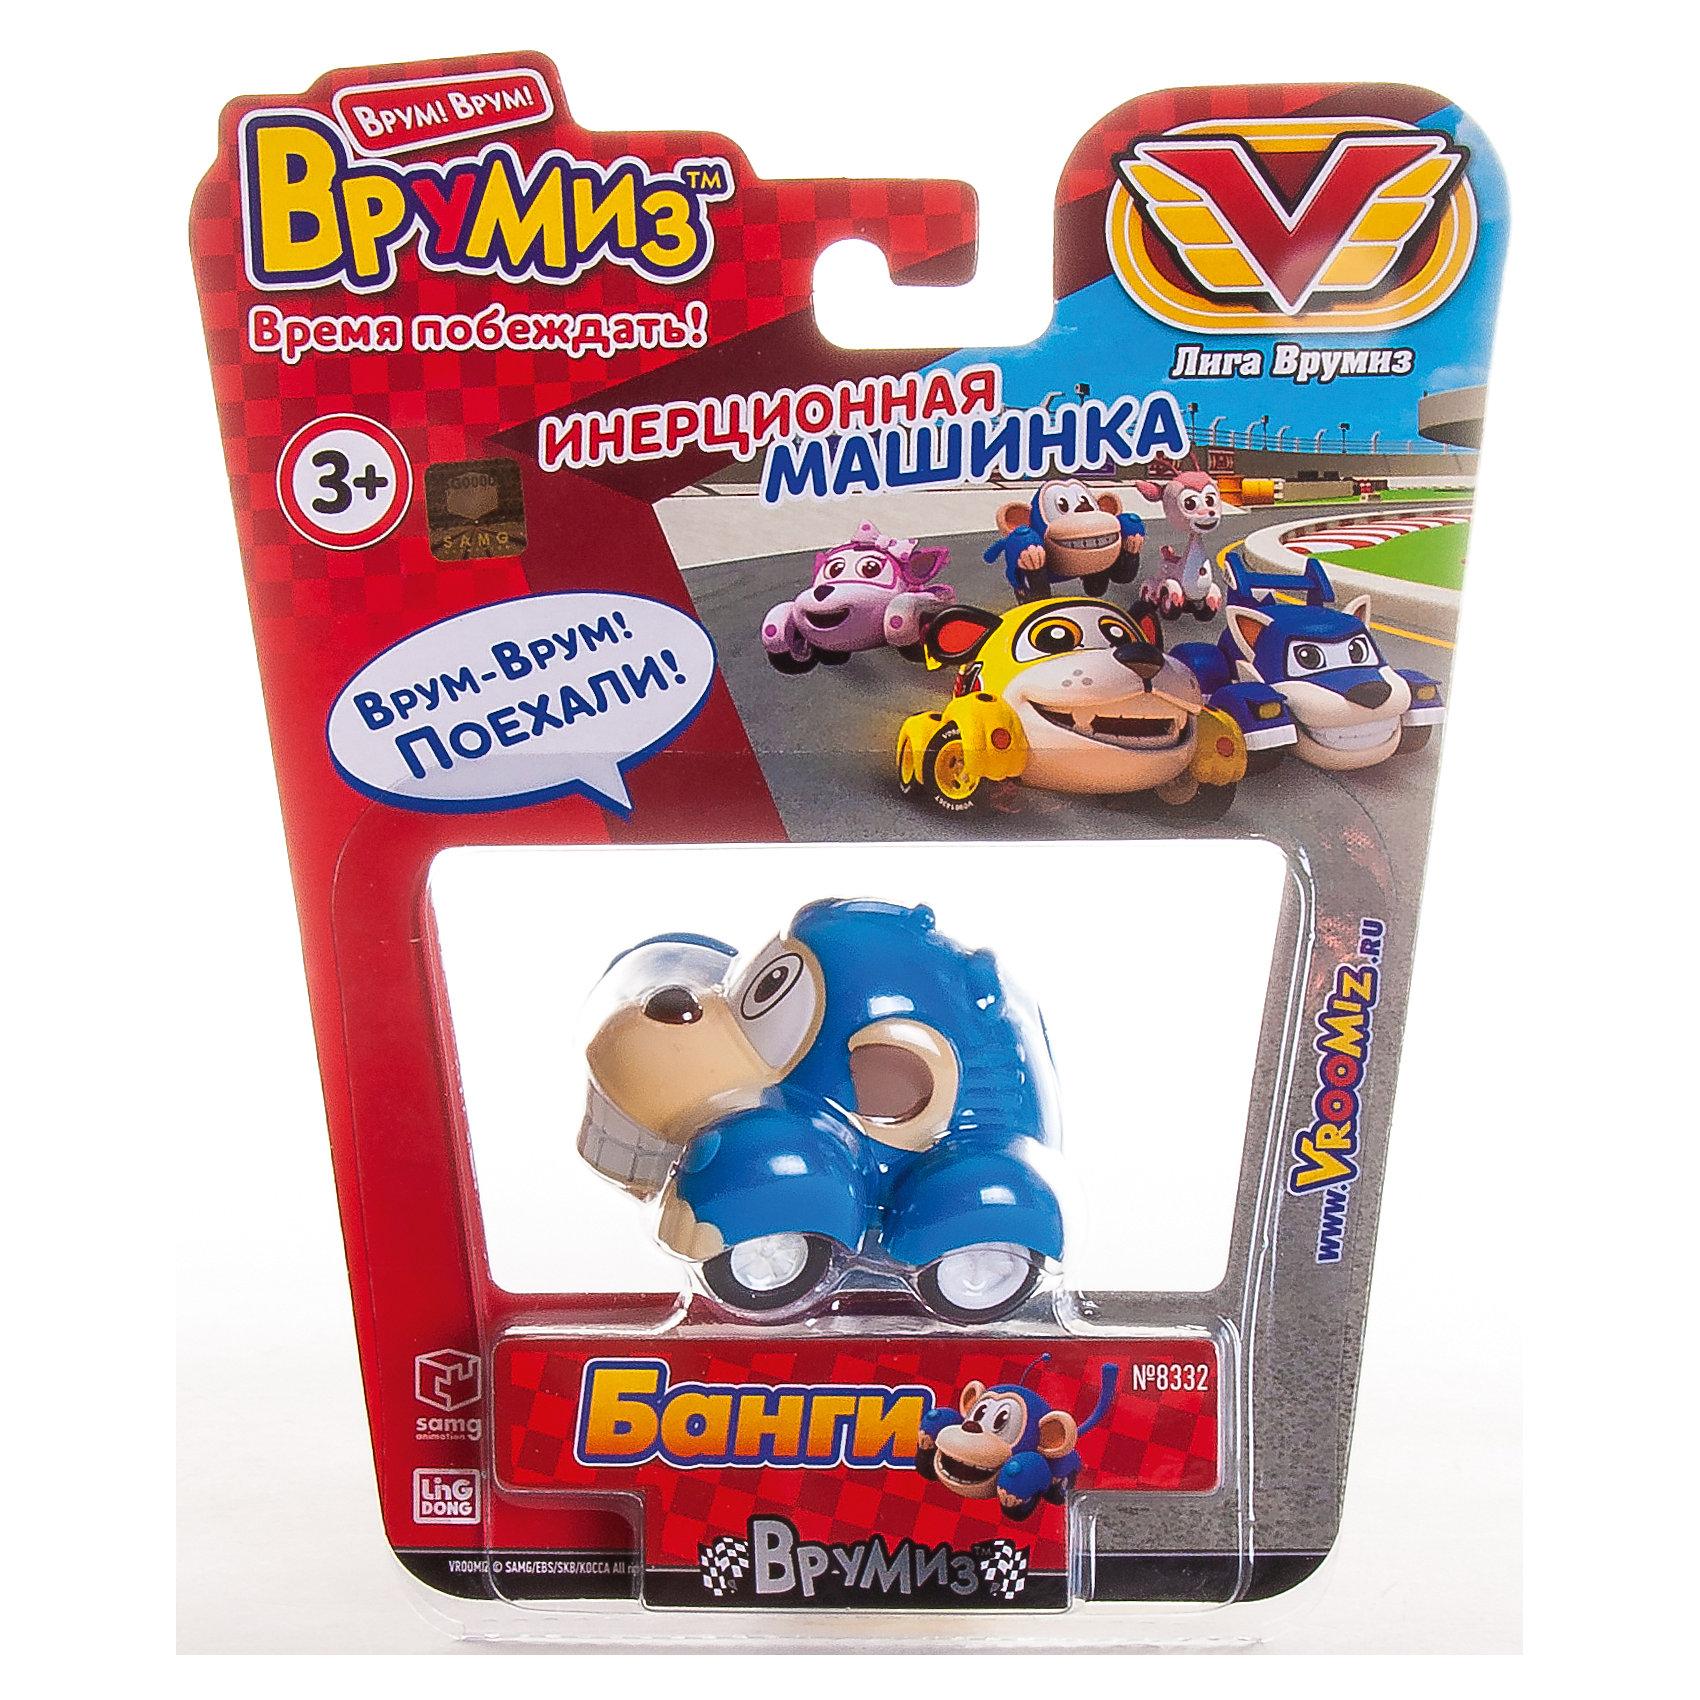 Инерционная машинка Банги, ВрумизИгрушки<br>Инерционная машинка Банги, Врумиз, станет отличным подарком для самых маленьких автолюбителей. Игрушка выполнена в виде в виде ловкой и быстрой обезьянки Банги - одного из популярных героев мультсериала Врумиз (Vroomiz). В необычном городе Зиппи Сити живут удивительные машинки-зверюшки, каждый день они попадают в различные забавные, а иногда и опасные ситуации, но благодаря своей дружбе упорно преодолевают все трудности, встретившиеся на пути. Банги - отважный, честный и очень добрый малыш, который всегда готов прийти на помощь тем, кто оказался в беде. Машинка отличается высоким качеством исполнения и полностью воспроизводит внешний вид своего персонажа, у нее яркая синяя окраска и забавная мордочка с ушками. Игрушка оснащена инерционным механизмом, если слегка откатить ее назад и отпустить, она устремится вперед.<br><br>Дополнительная информация:  <br>      <br>- Материал: пластик. <br>- Размер машинки: 4,5 х 5,5 см <br>- Размер упаковки: 17 х 19,5 х 7 см.<br>- Вес: 0,1 кг.<br><br>Инерционную машинку Банги, Врумиз, можно купить в нашем интернет-магазине.<br><br>Ширина мм: 170<br>Глубина мм: 195<br>Высота мм: 70<br>Вес г: 94<br>Возраст от месяцев: 36<br>Возраст до месяцев: 120<br>Пол: Унисекс<br>Возраст: Детский<br>SKU: 4340061